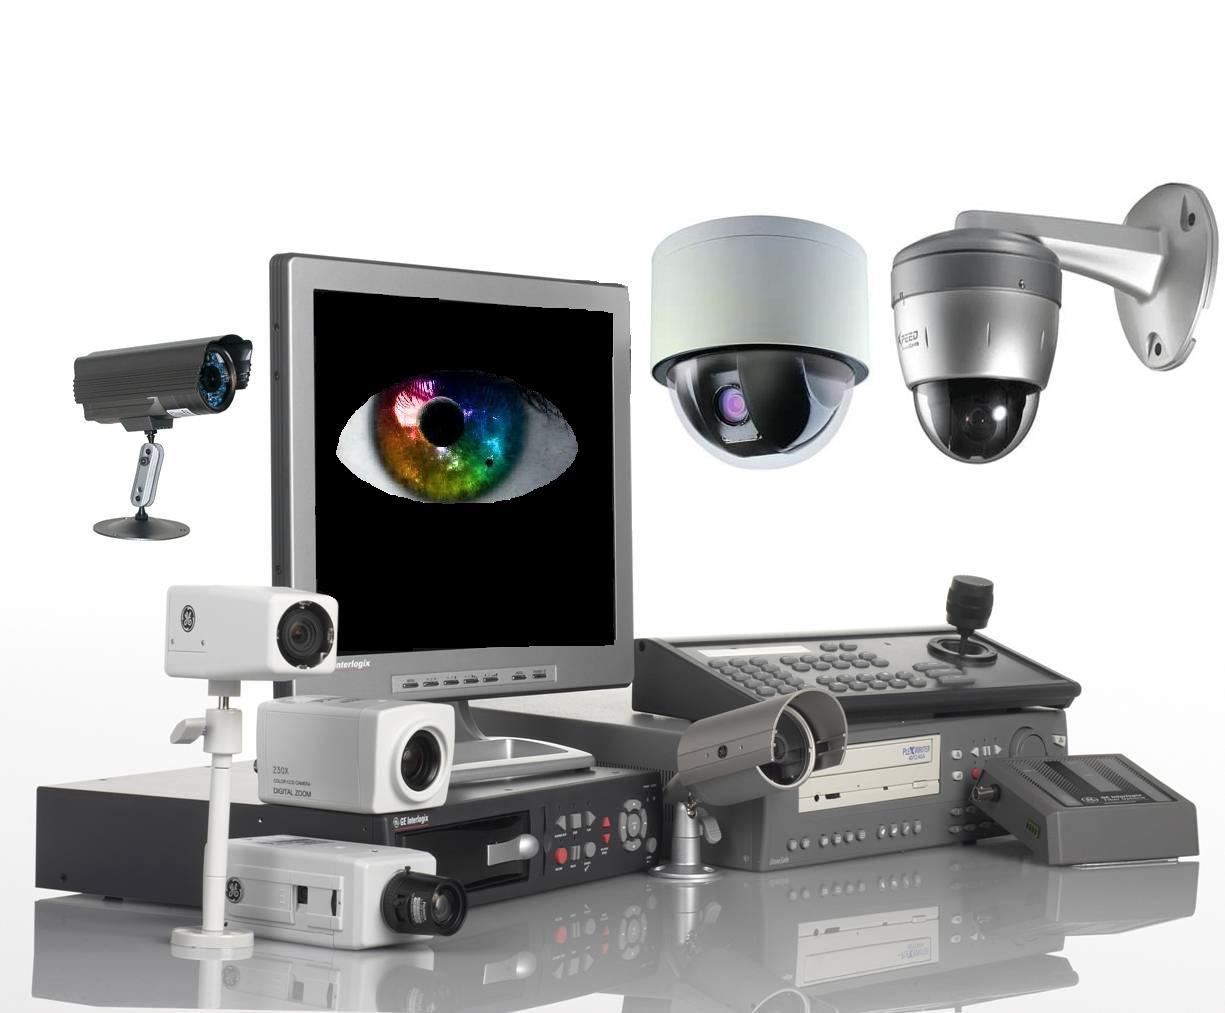 واردات 98 درصدی تجهیزات حفاظتی/افزایش ضریب عرضه دوربین های مدار بسته تقلبی